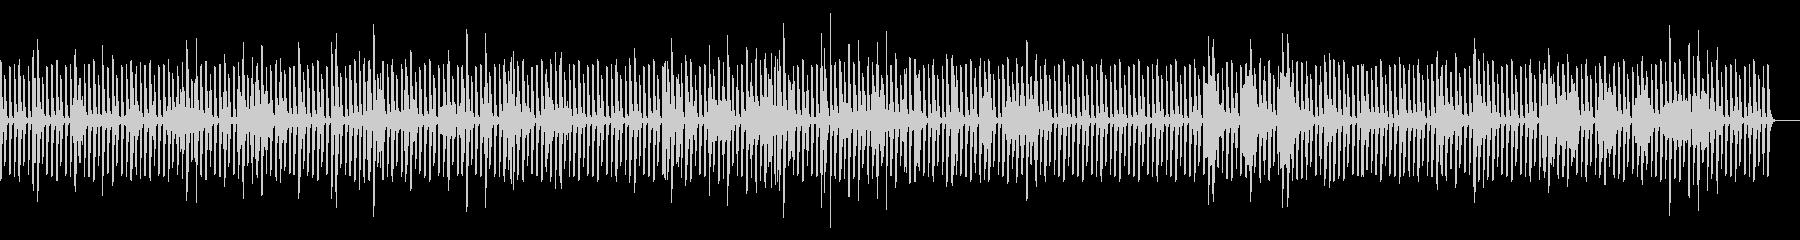 反復的なピアノのリフは、奇妙な緊張...の未再生の波形